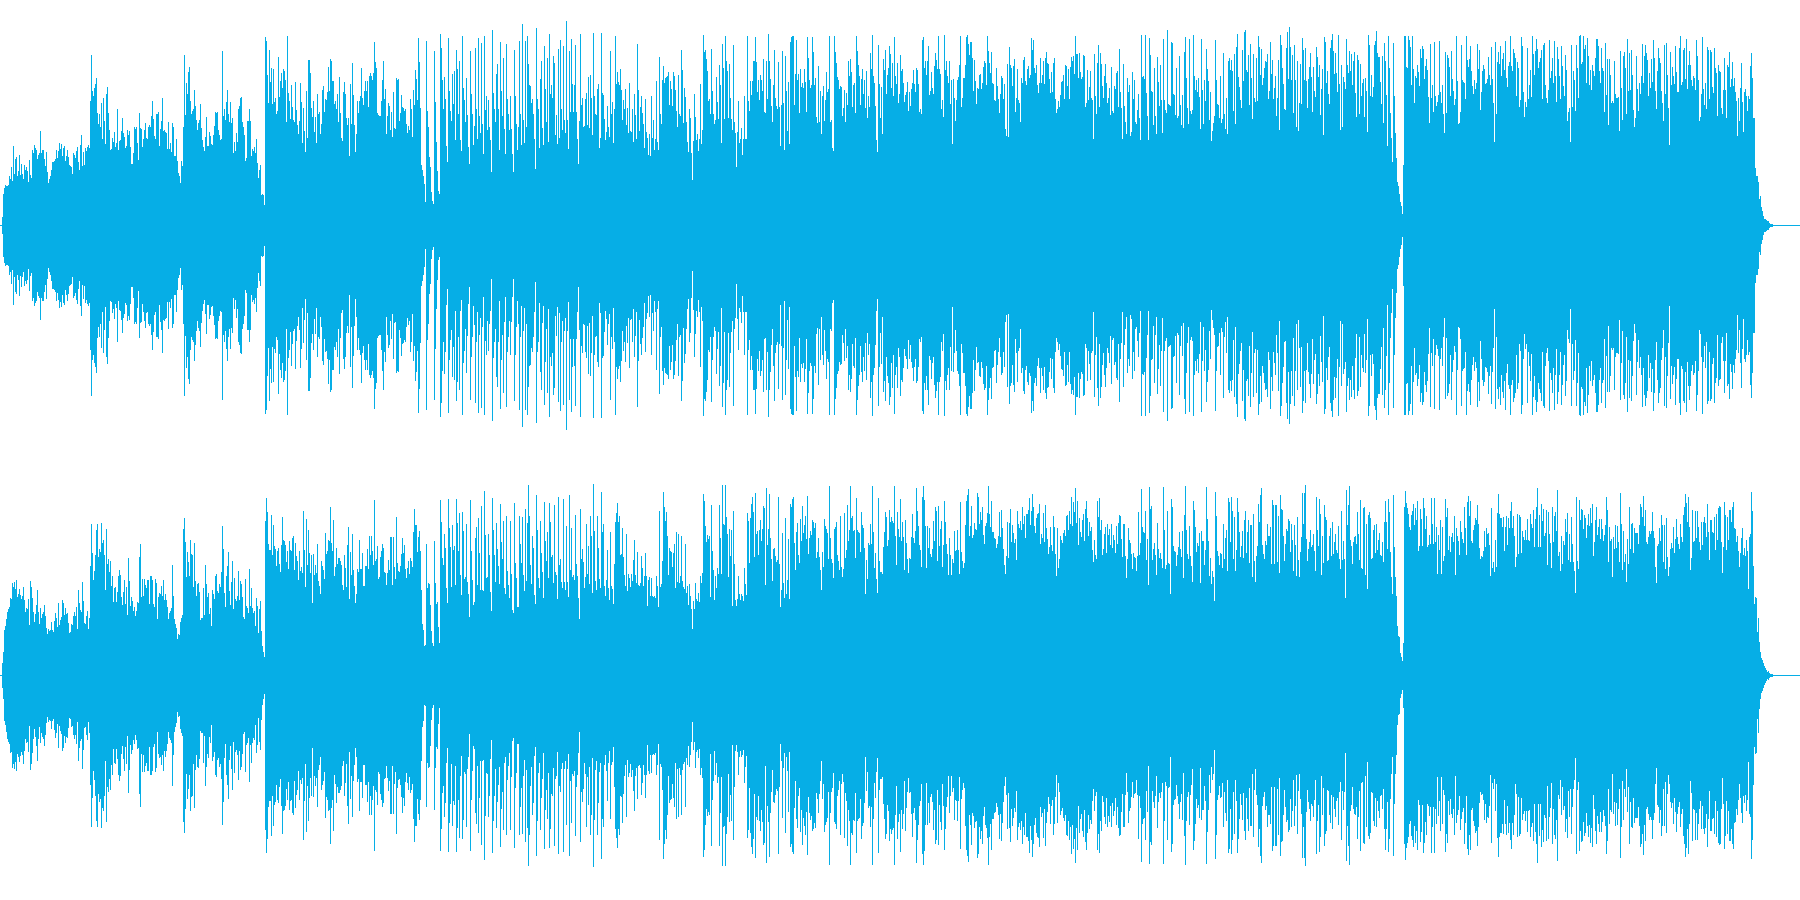 美しく迫力ある和風管弦楽器シンセサウンドの再生済みの波形